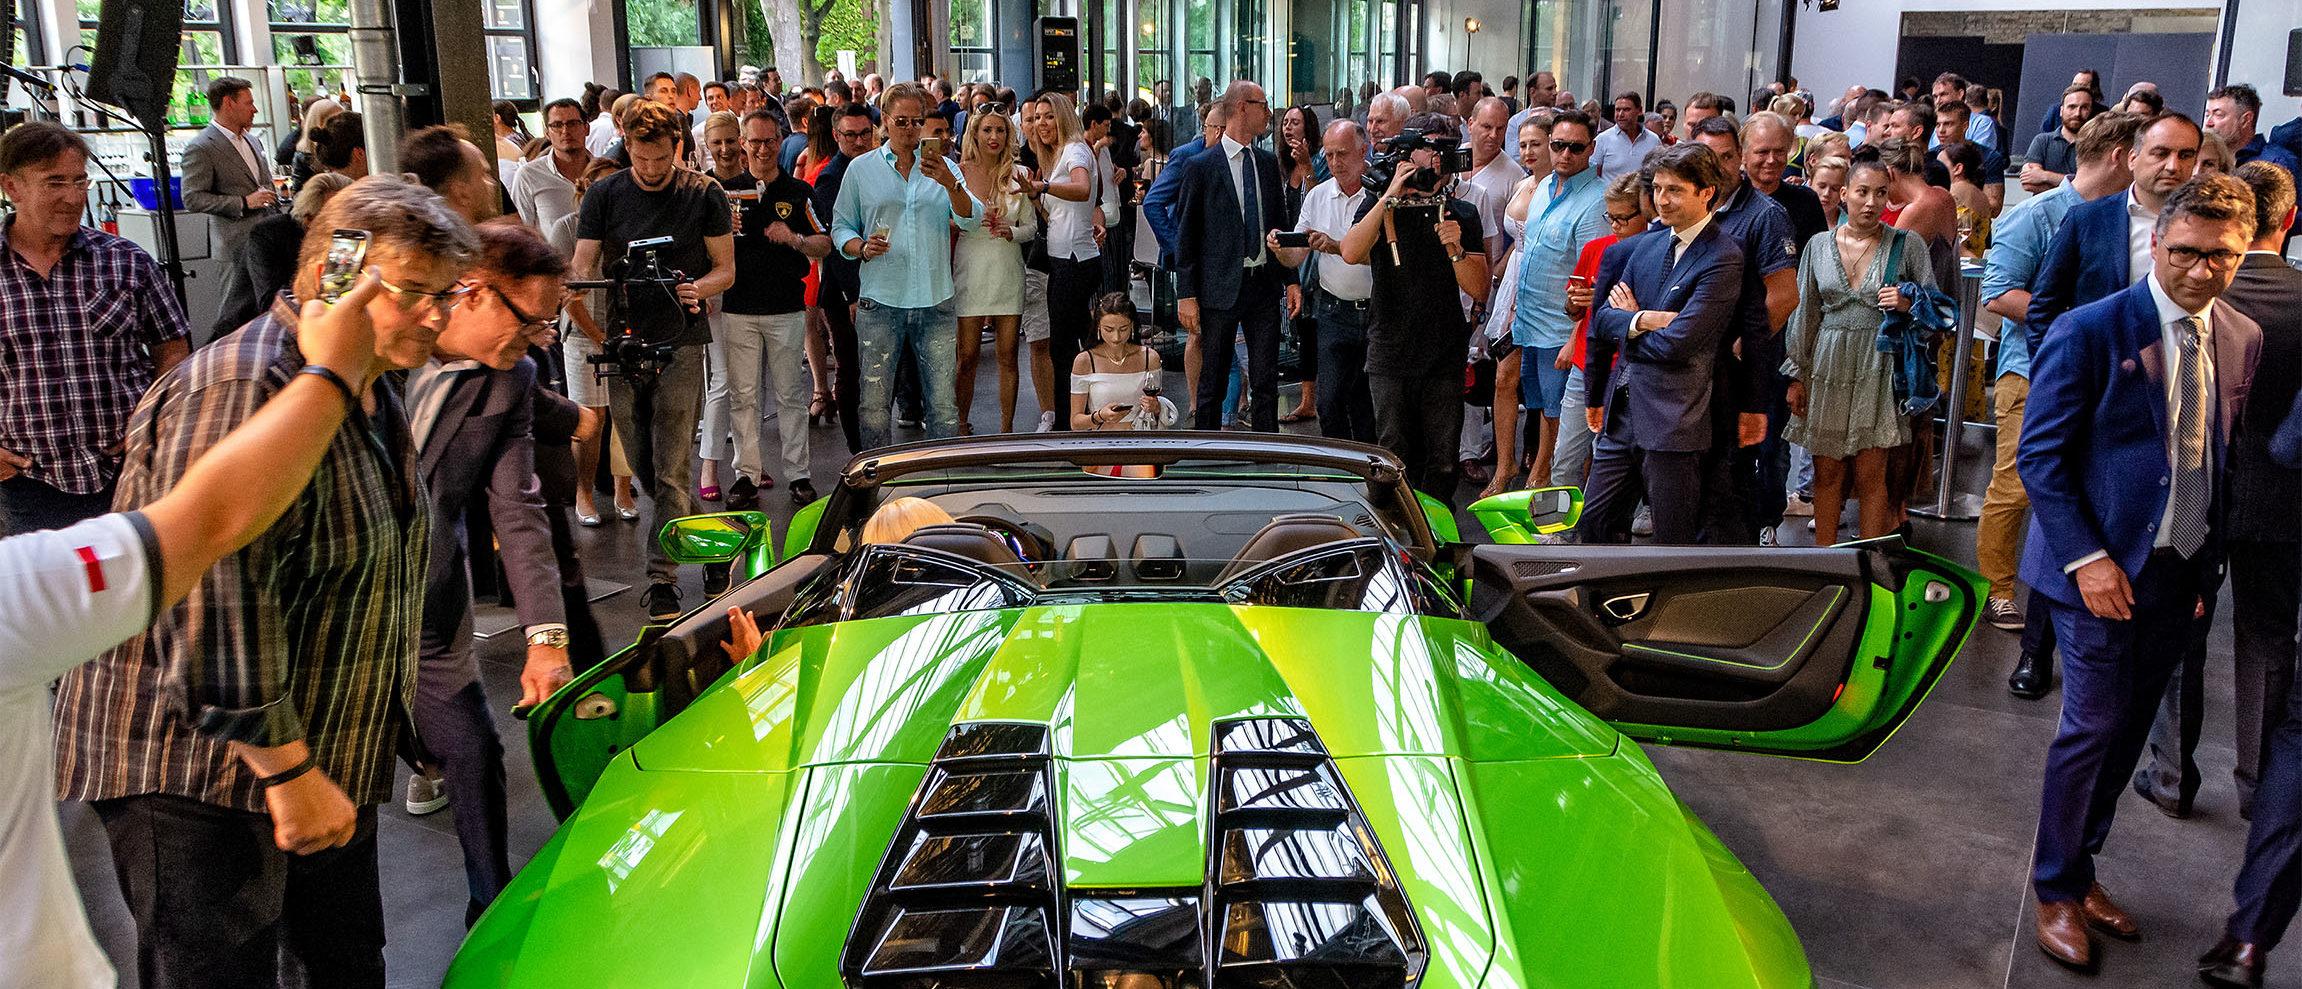 Eine große Feier markiert die Rückkehr von Lamborghini nach Berlin